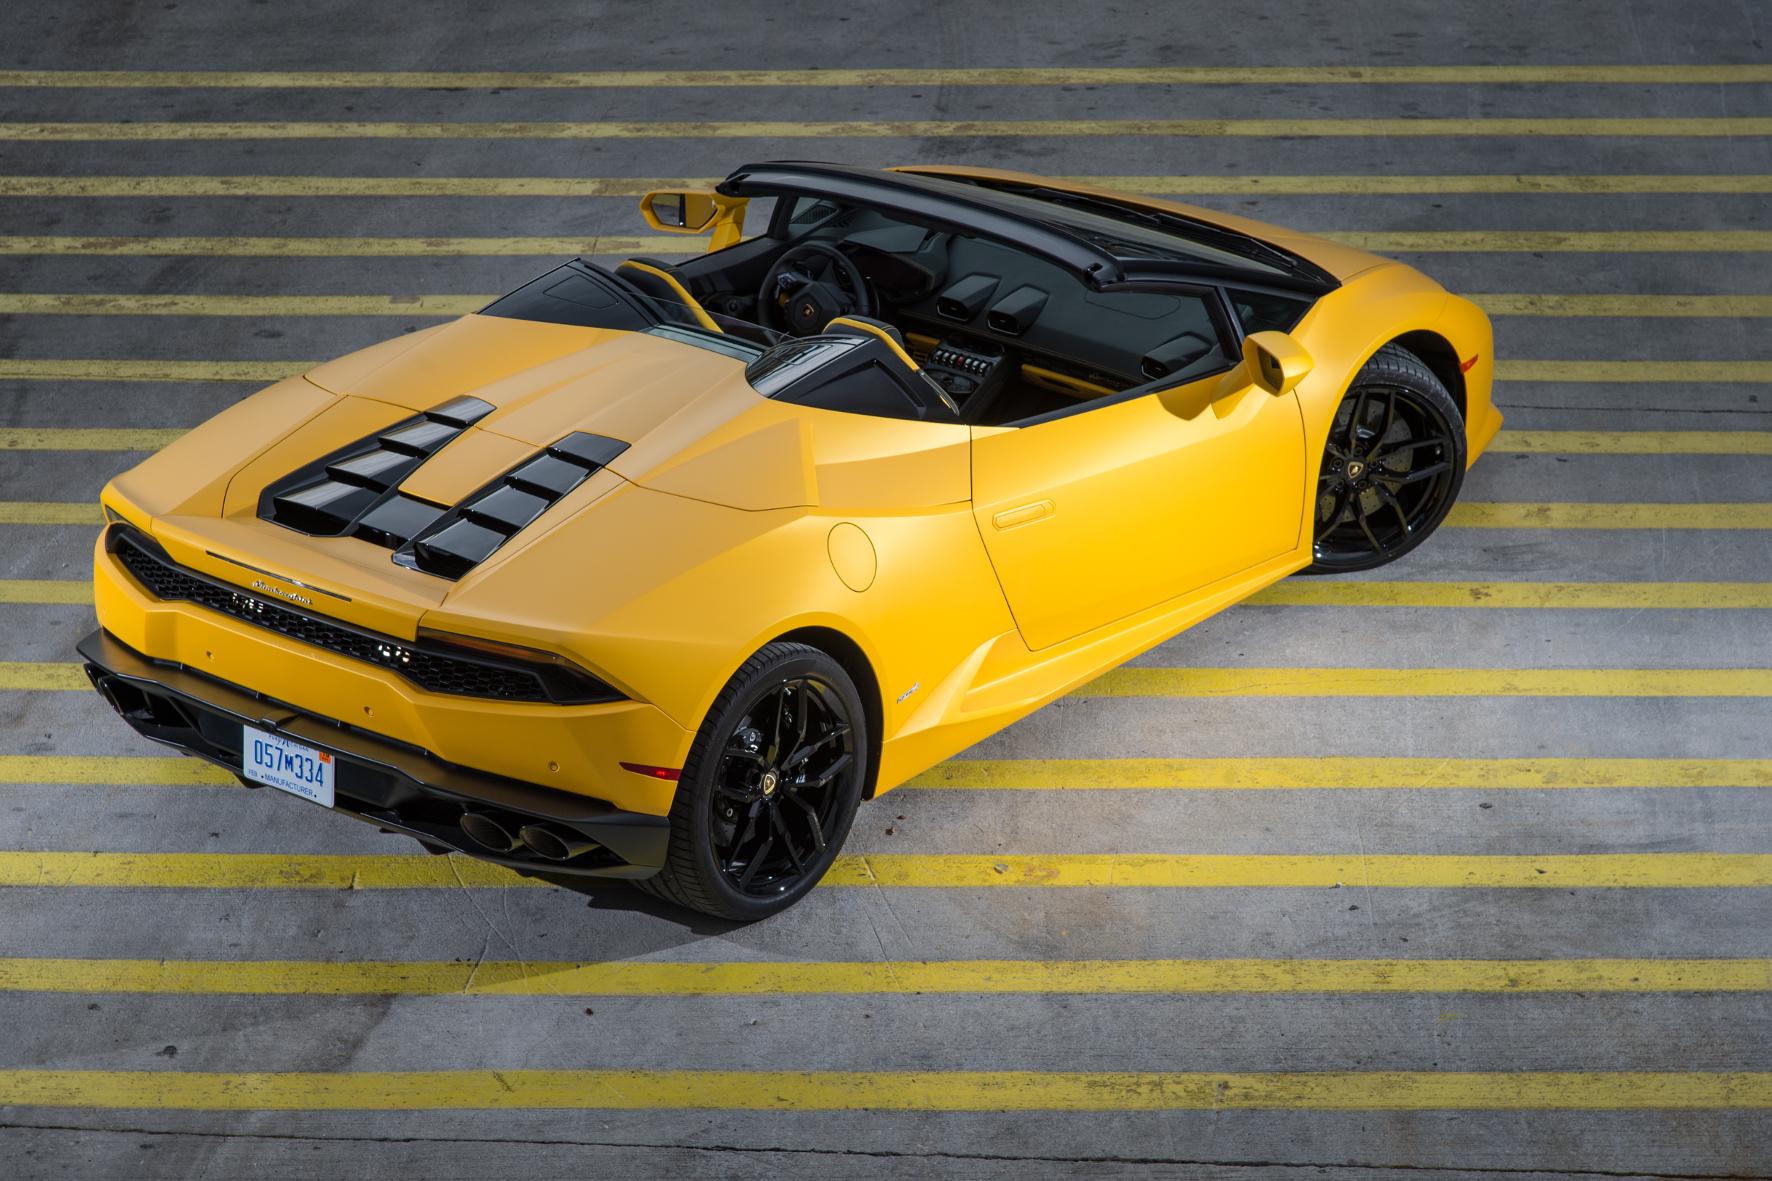 Von Luftöffnungen verdeckt, schlummert im Heck des Lamborghini Huracan Spyder ein 5,2-l-Zehnzylinder mit 610 PS.